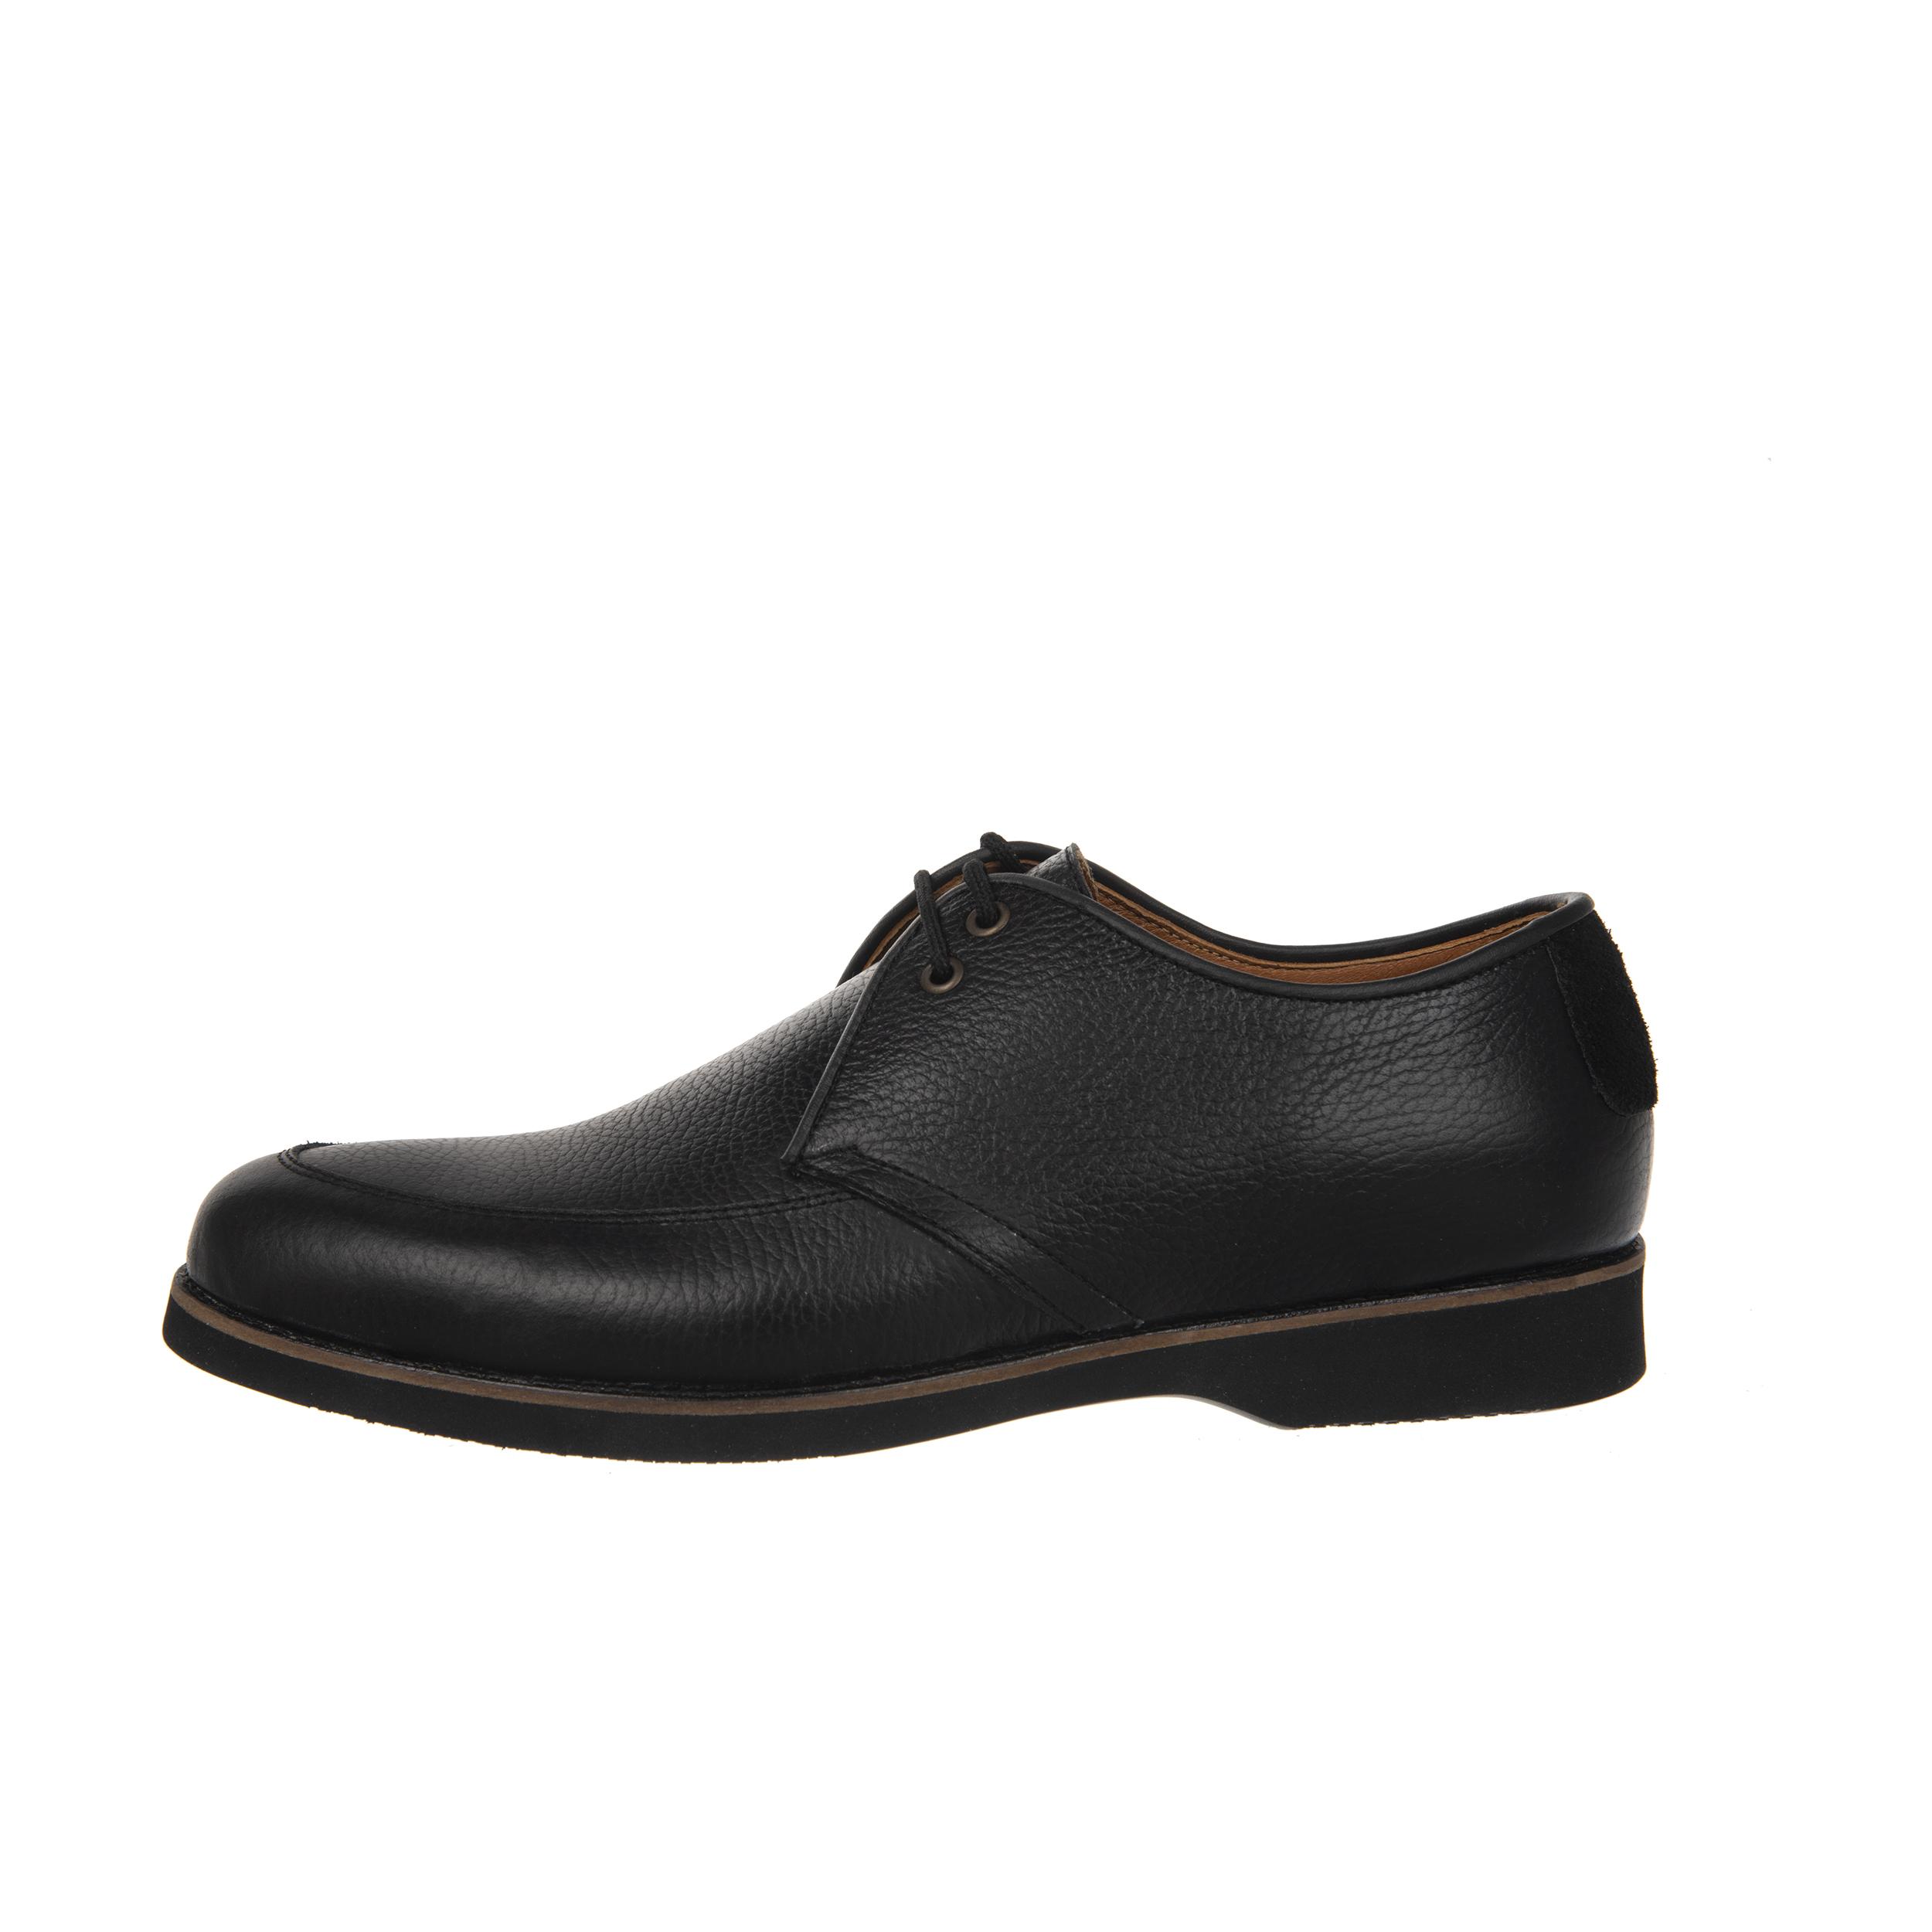 کفش مردانه پانیسا مدل 503-02